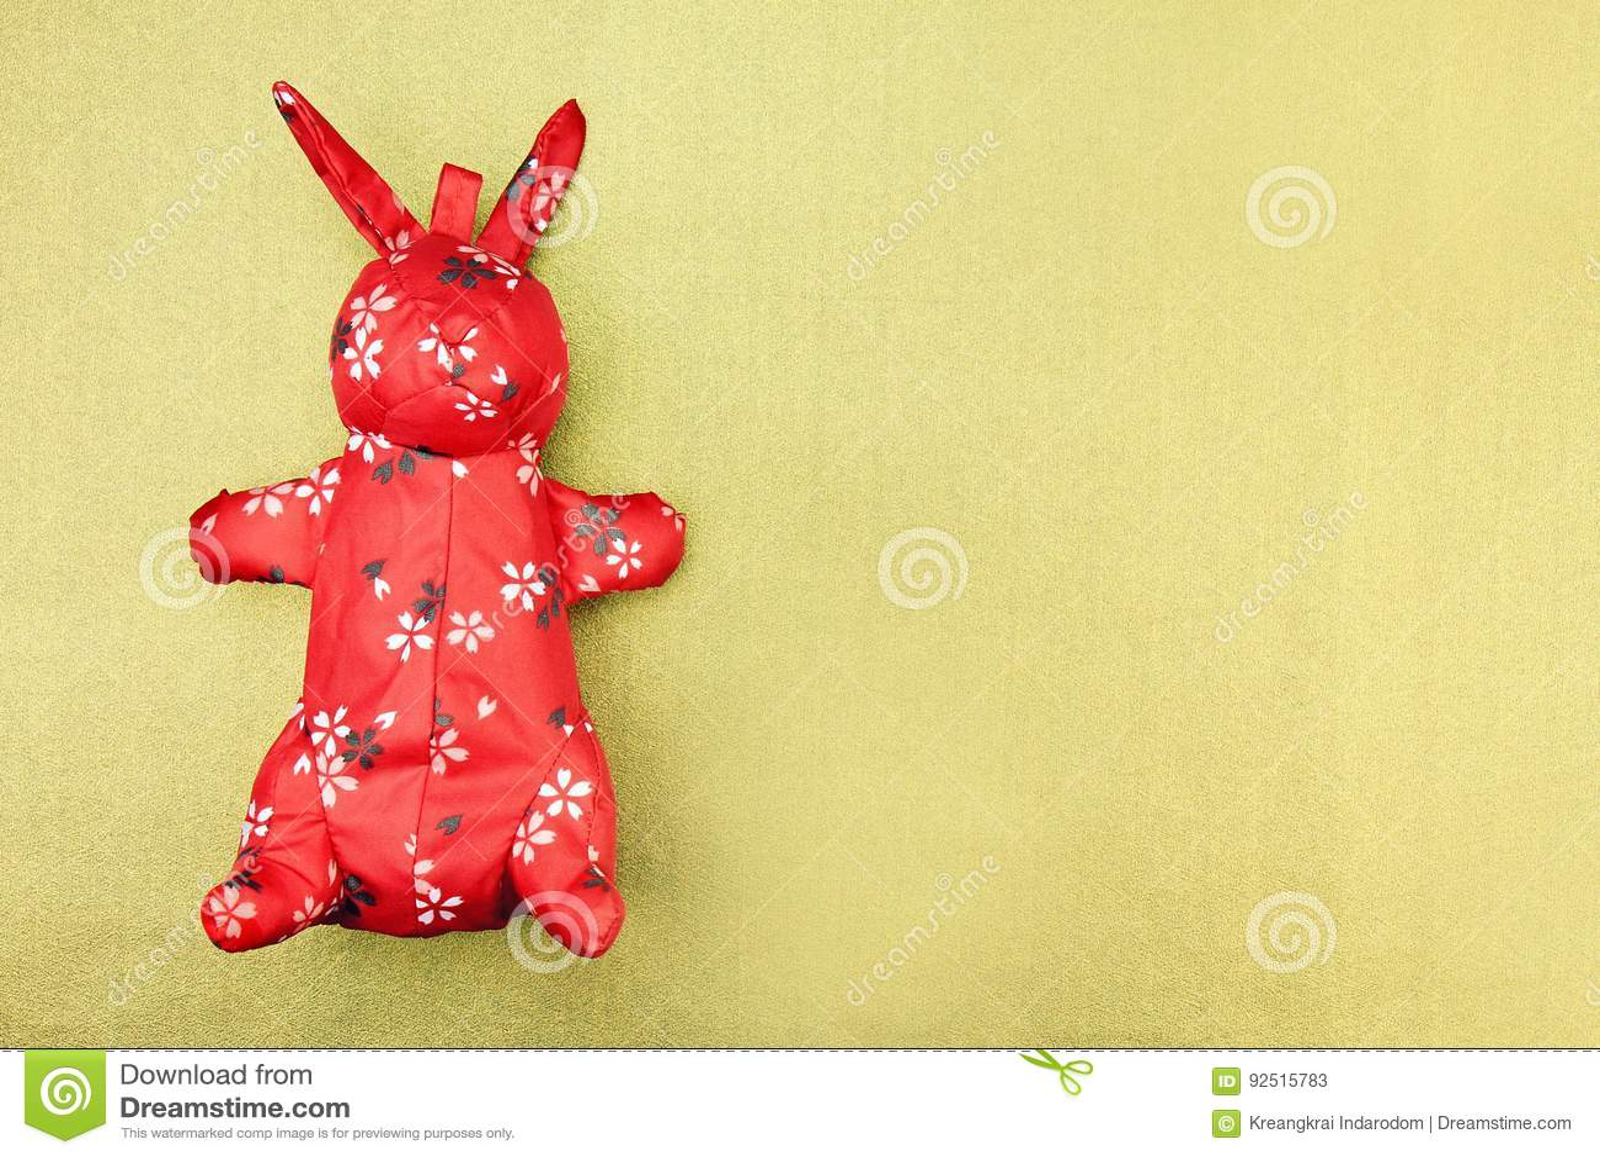 Rotes Kaninchenstoffspielzeug mit orientalischem Muster, chinesisches traditionelles